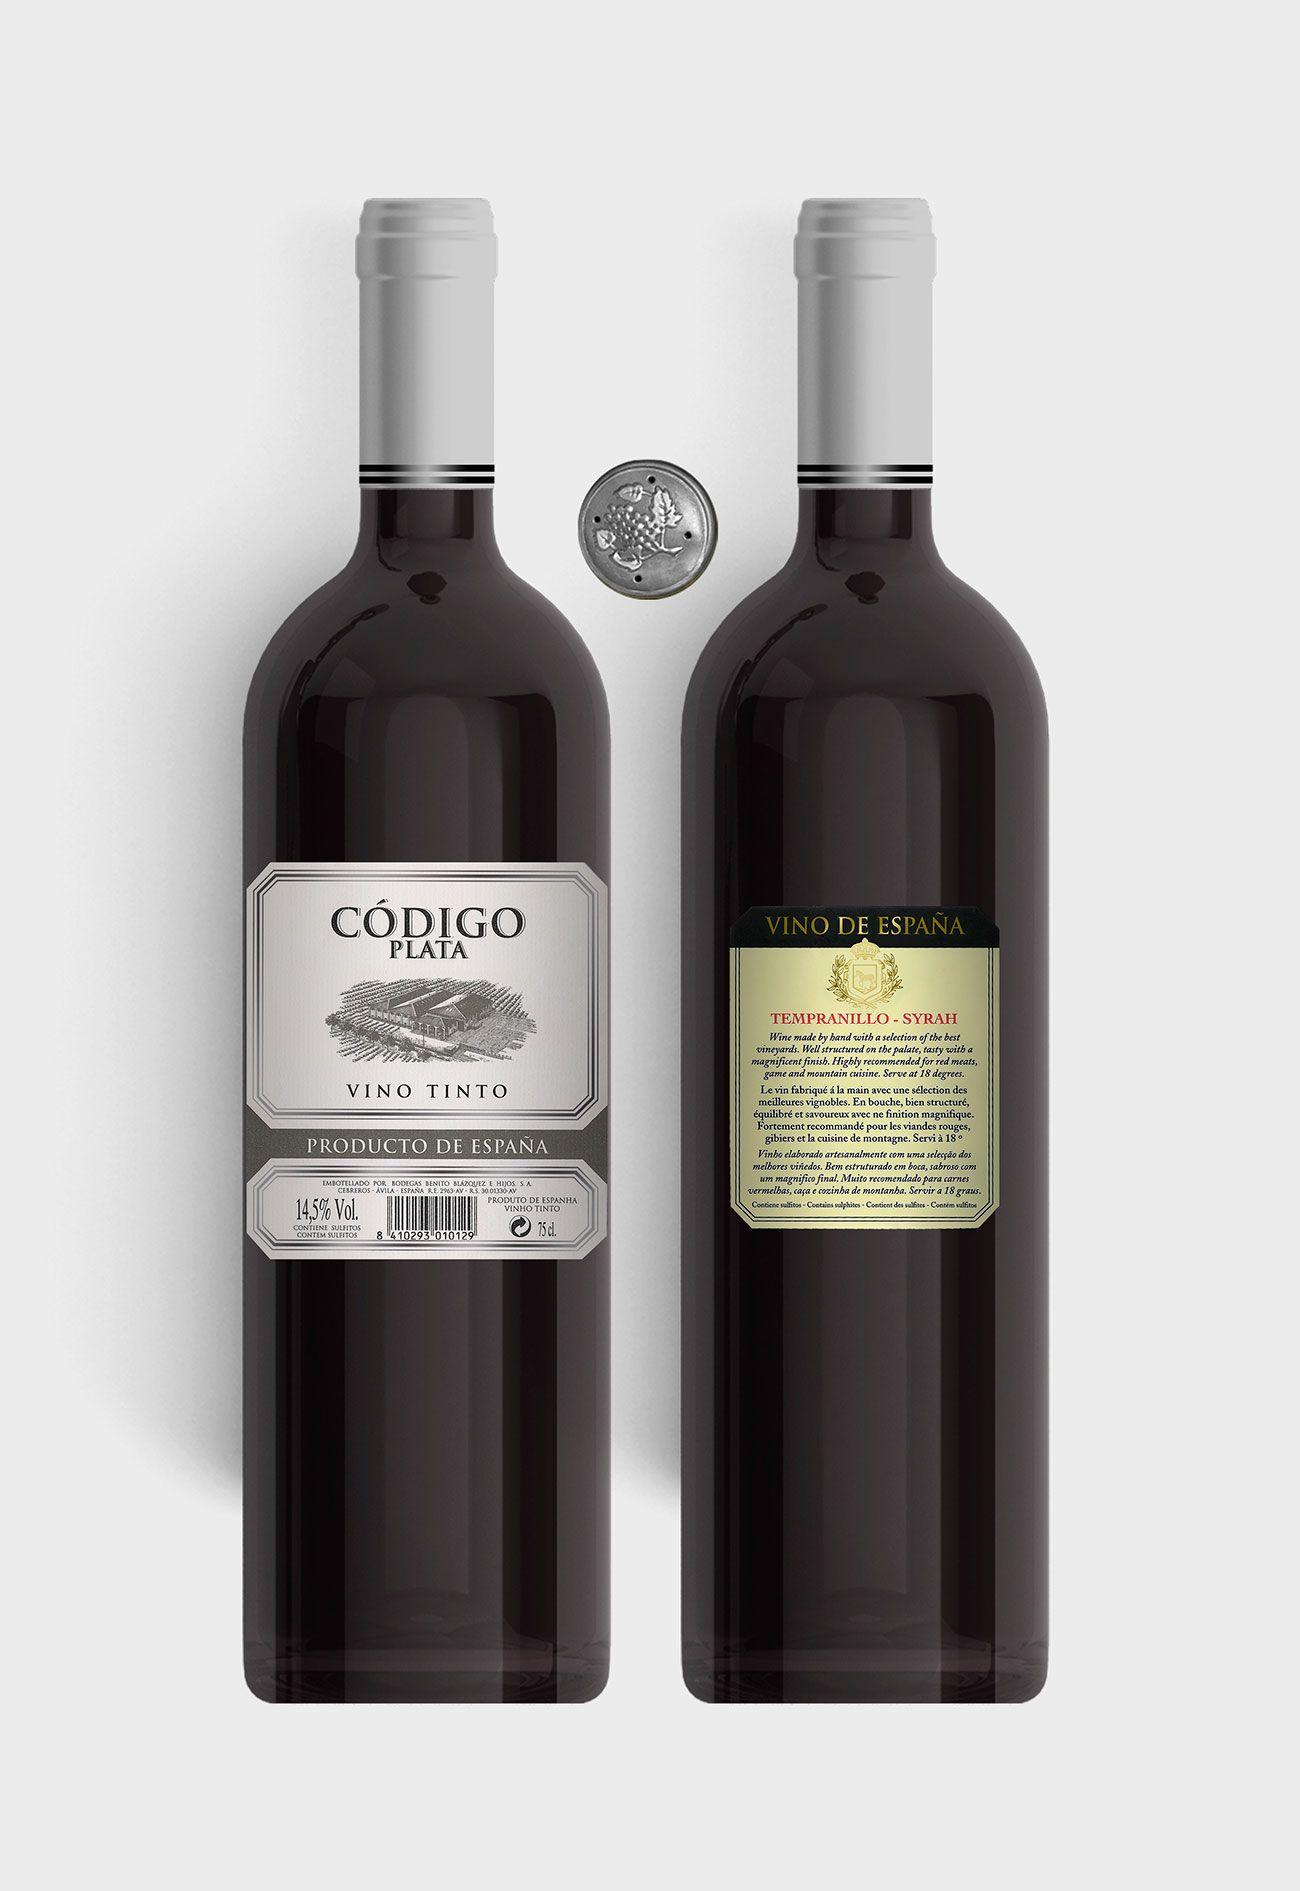 Benito Blázquez - Botella vino tinto Código Plata